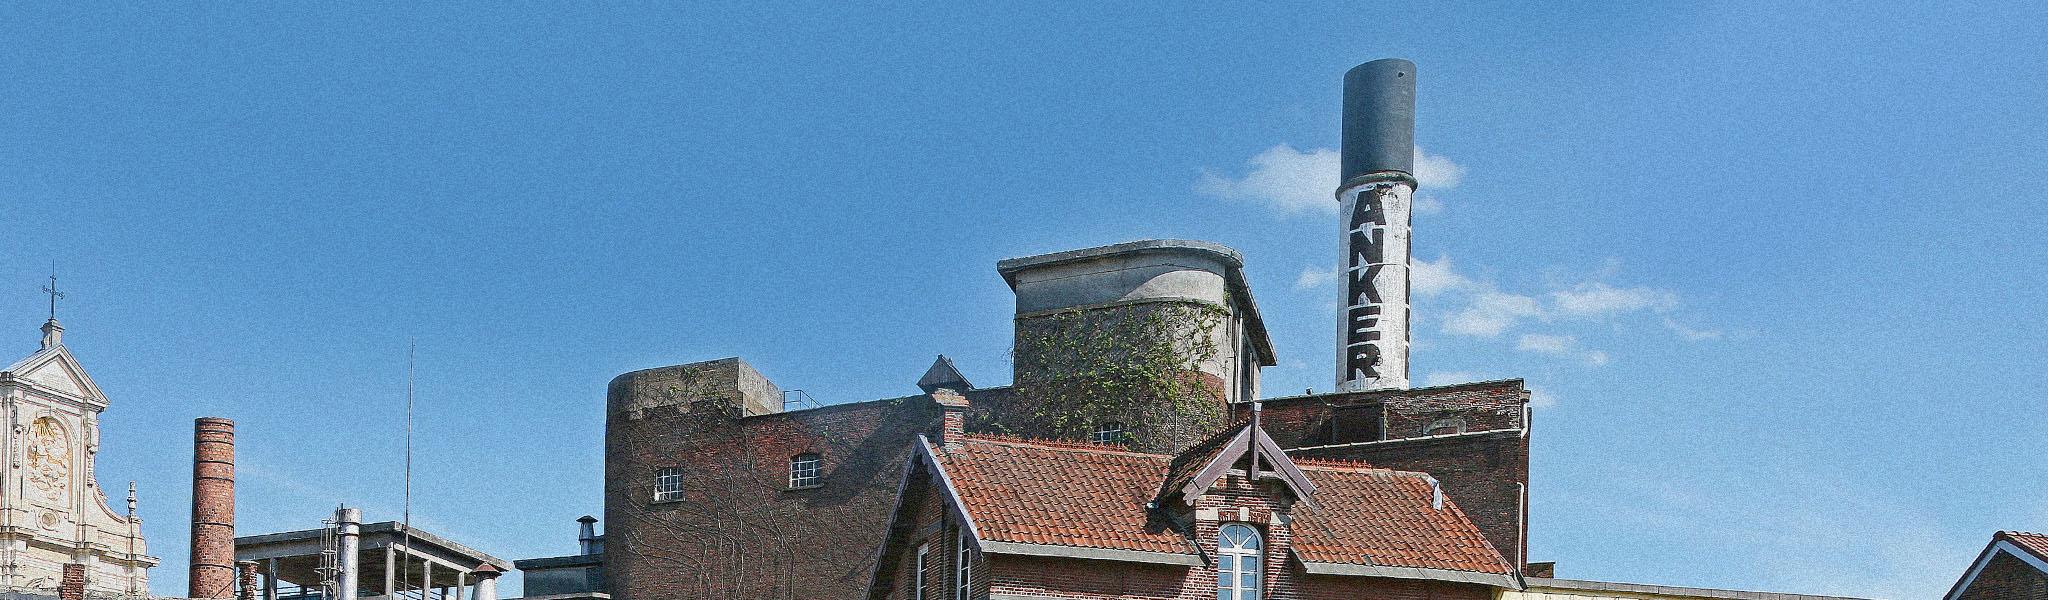 Brouwerij Het Anker Skyline